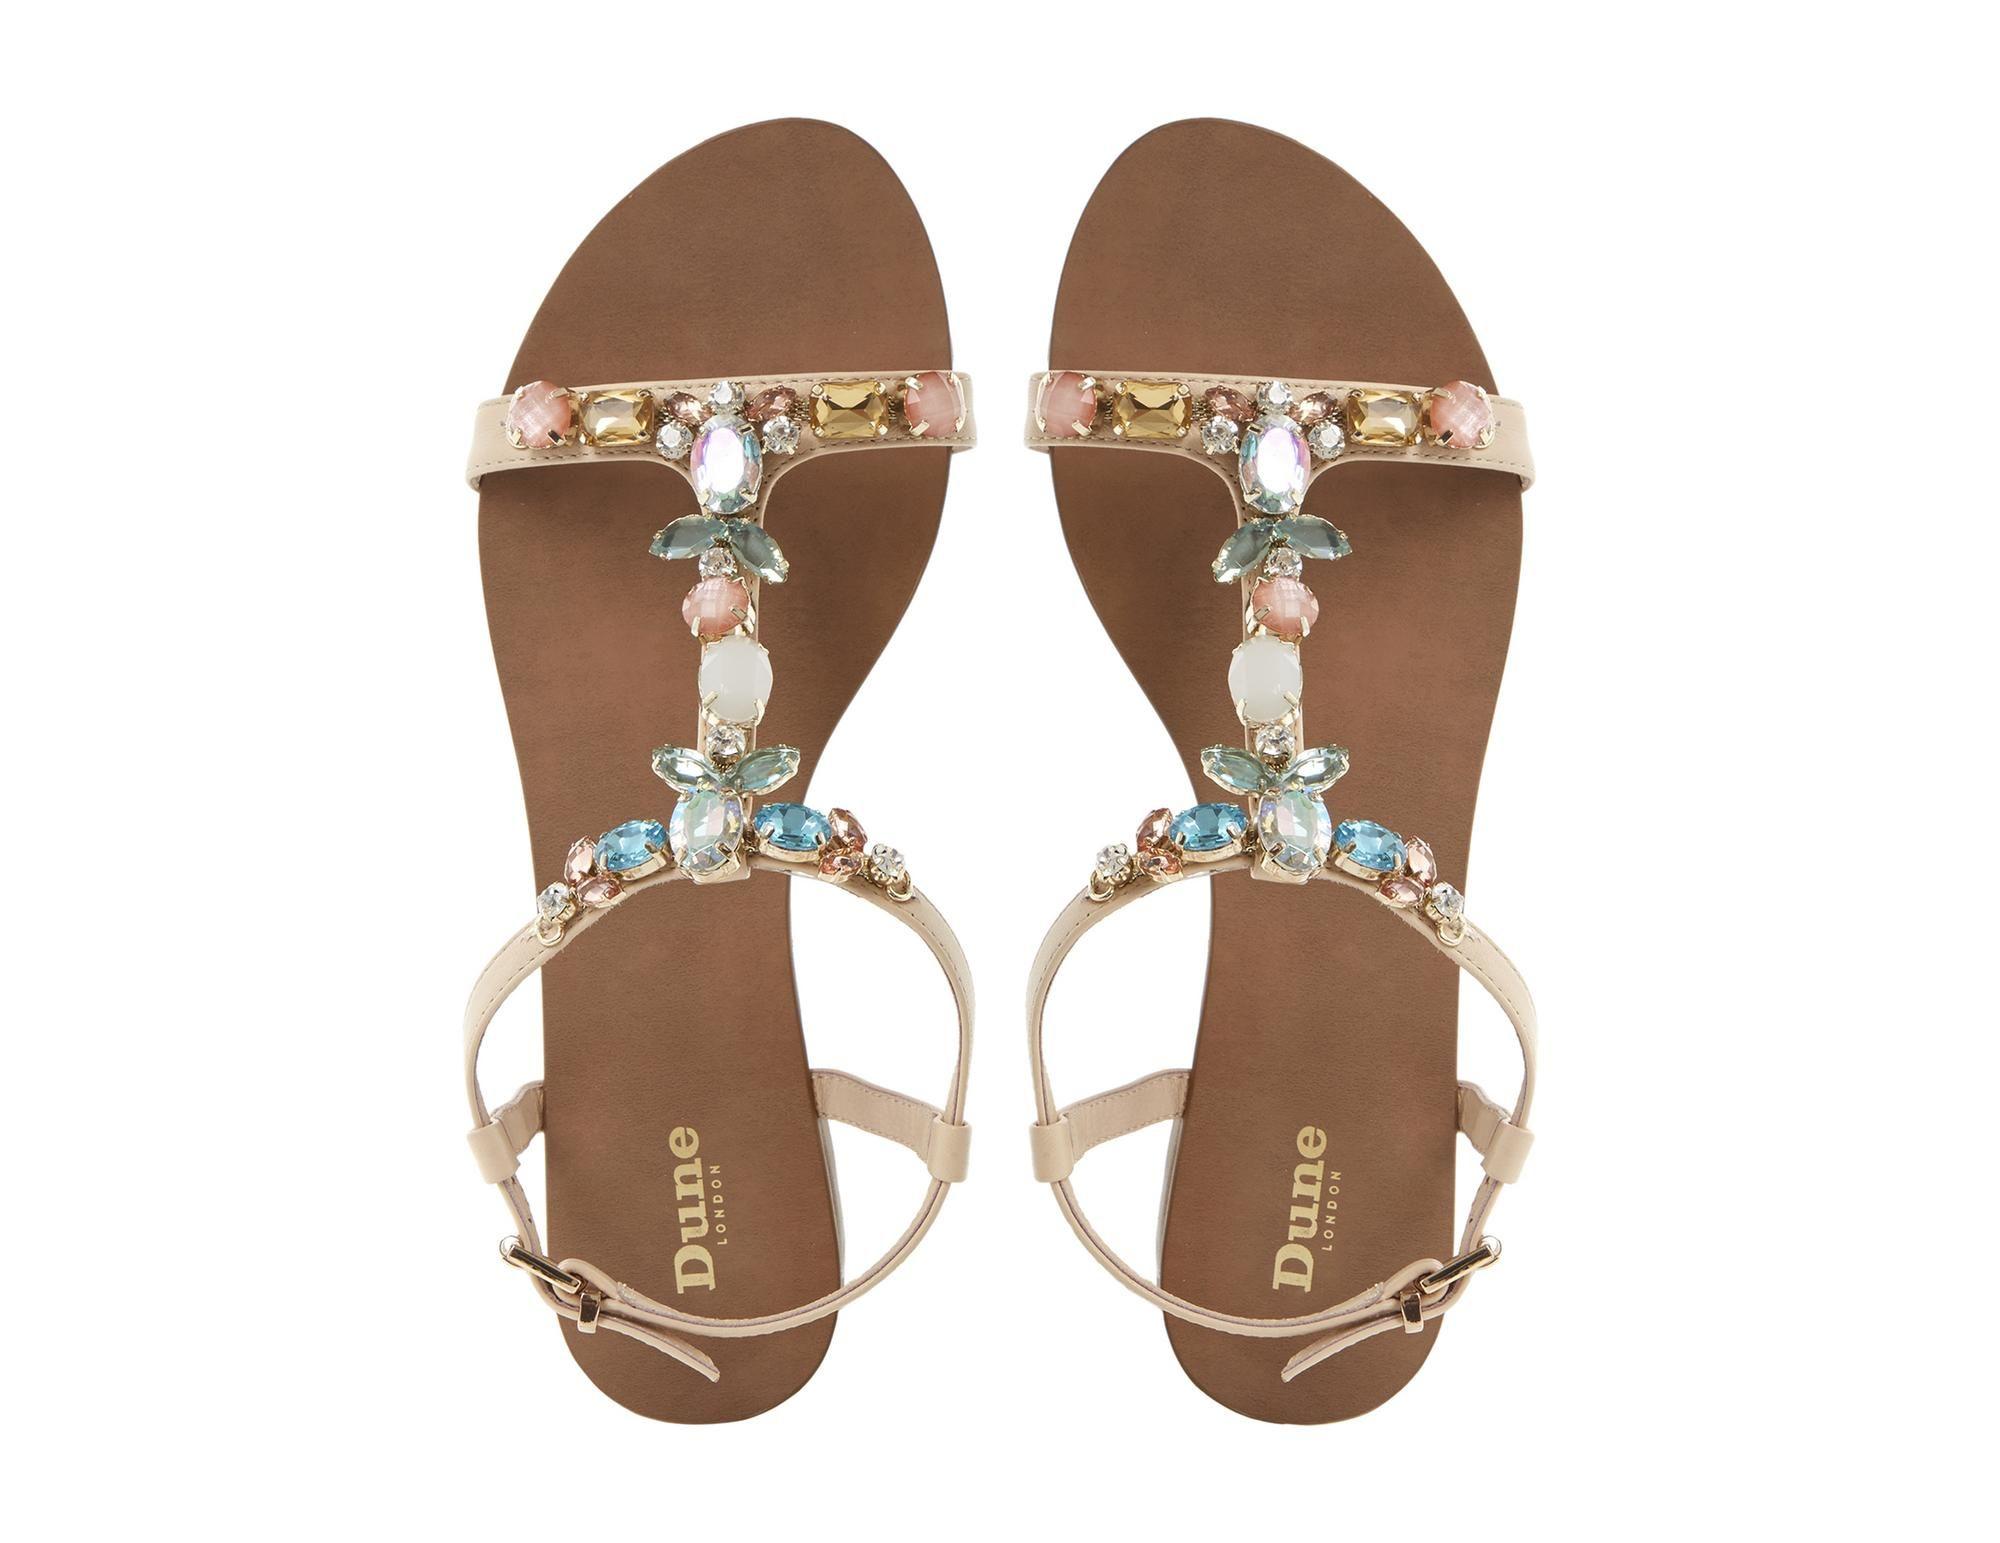 4d5d9a5cc DUNE LADIES KHLOE - Jewel Embellished T-Bar Flat Sandal